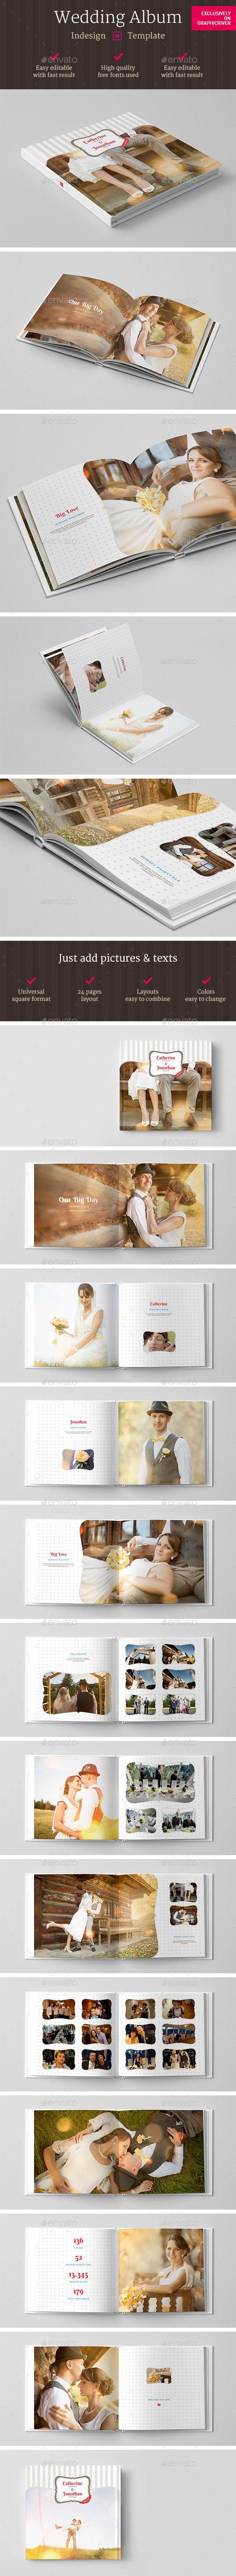 Square Wedding Photo Album Indesign Template